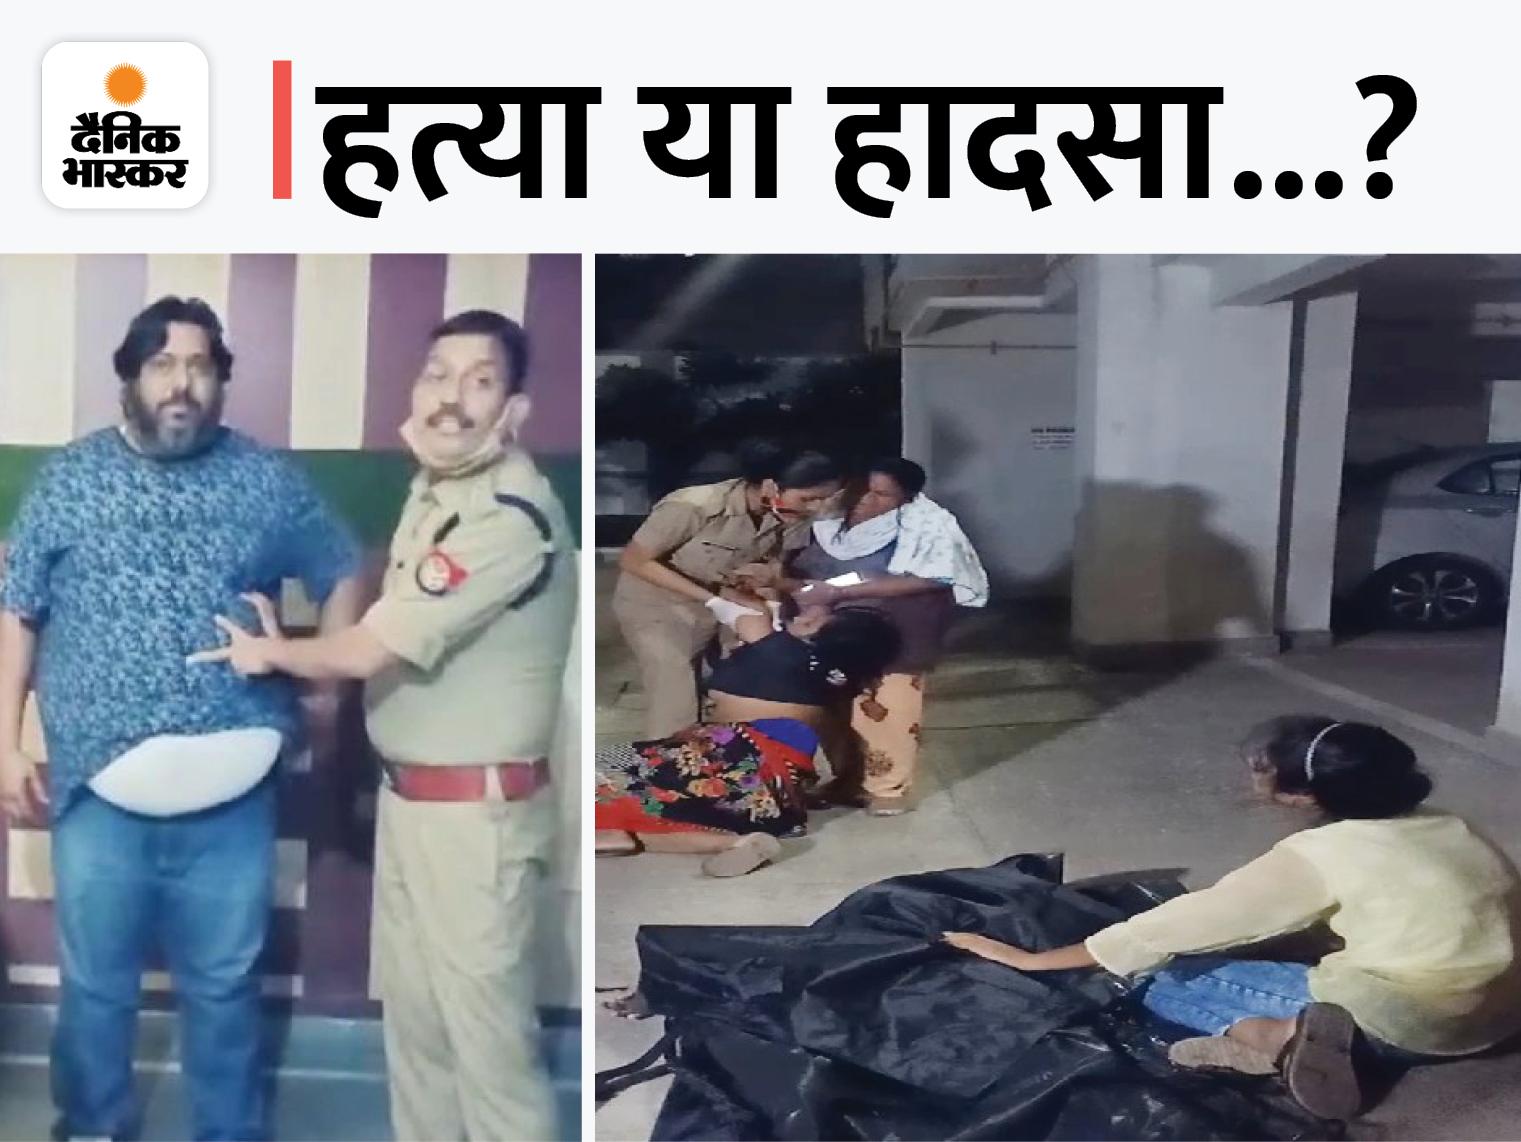 3 दिन पहले ही डेयरी मालिक ने दी थी PA की नौकरी, मां बोली- काम का झांसा देकर फ्लैट में ले गया और रेप कर नीचे फेंका|कानपुर,Kanpur - Dainik Bhaskar